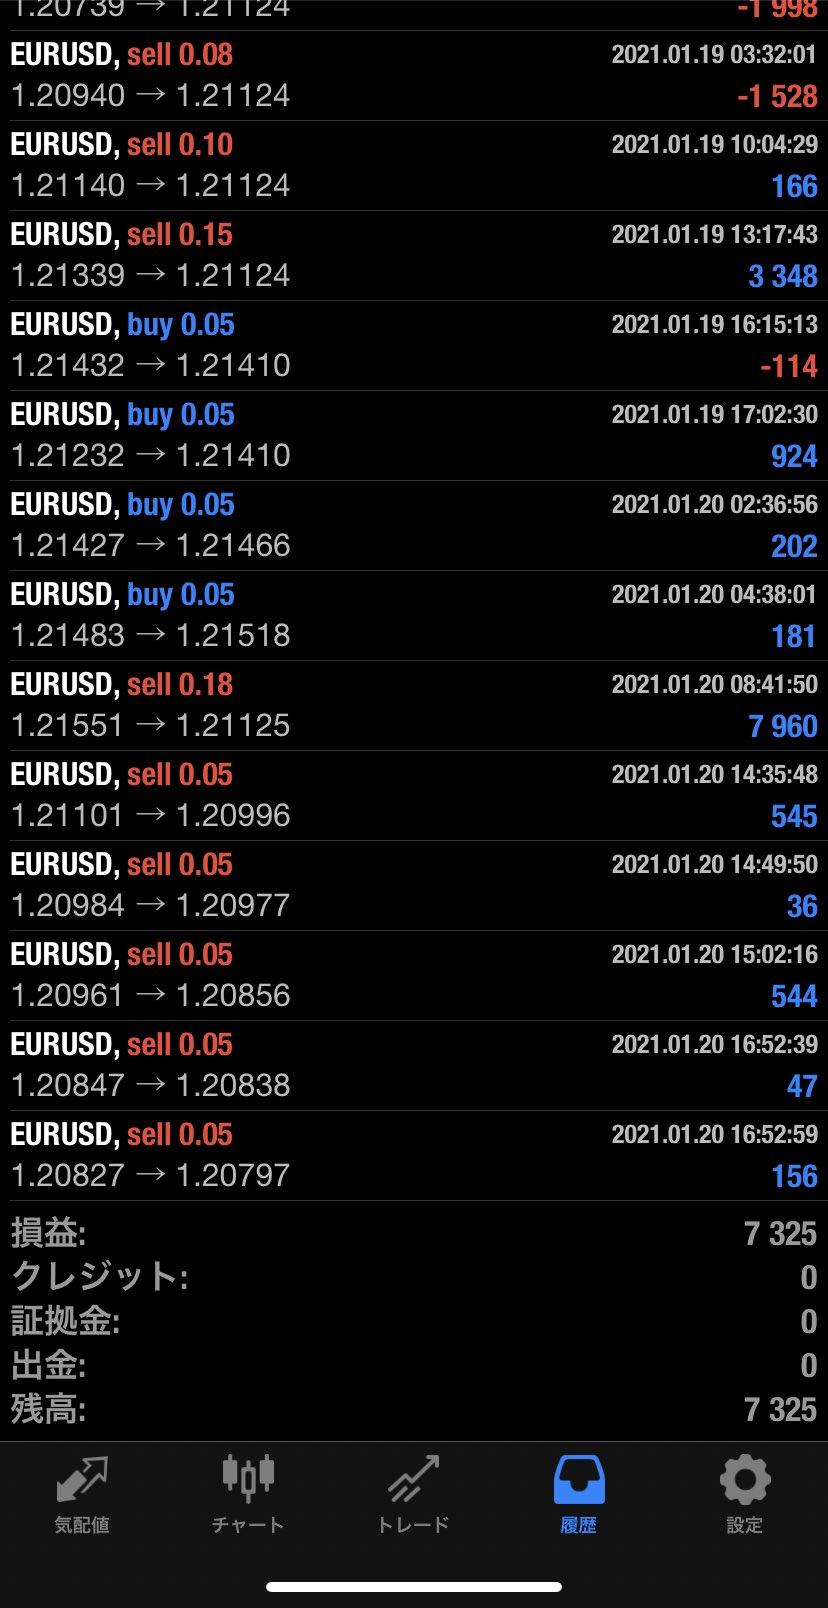 2021年1月20日 EUR/USDバージョン7,325円